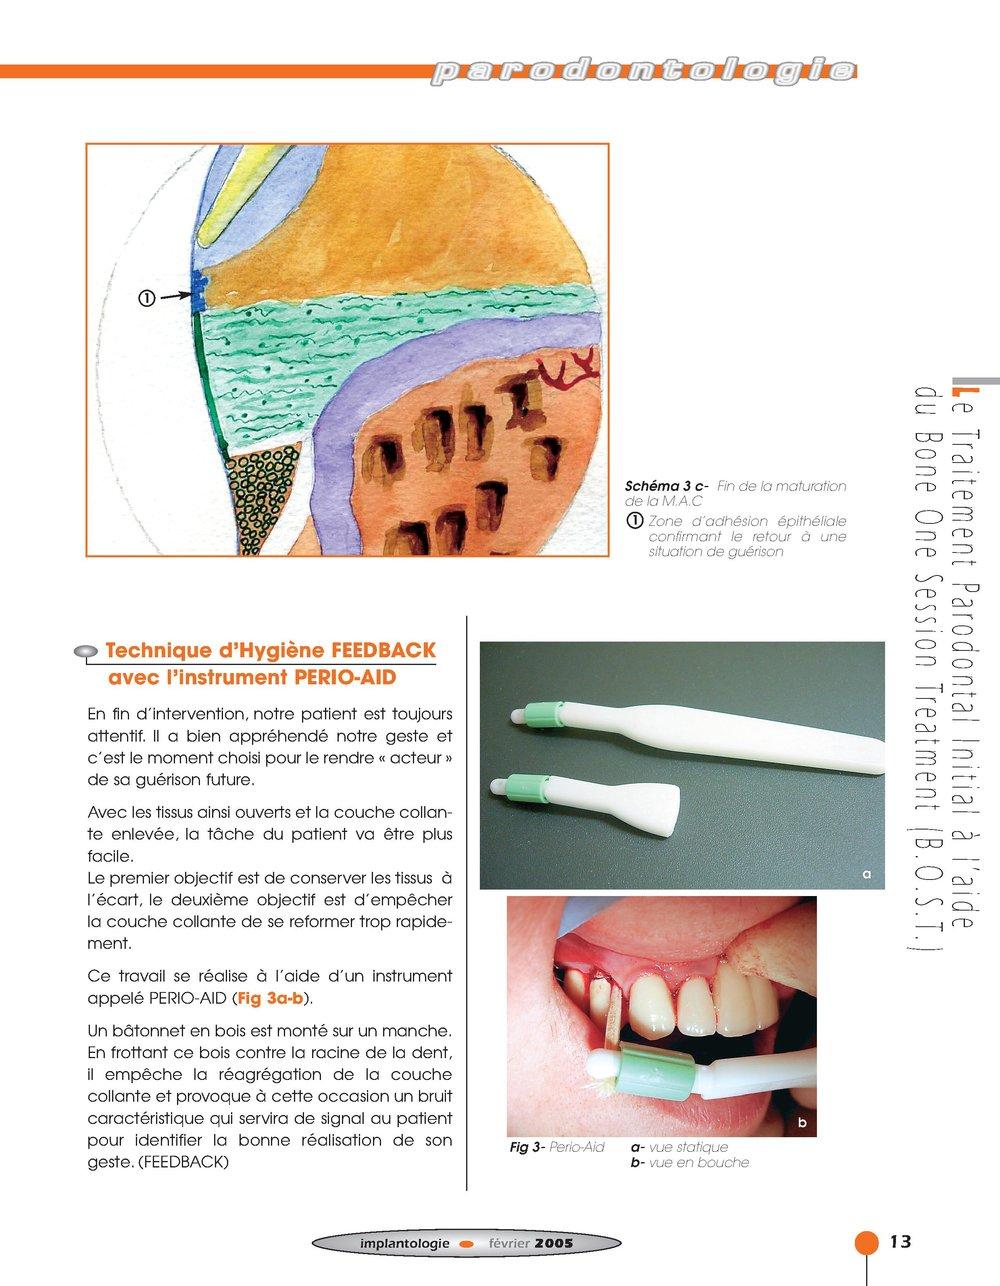 Implantologie BOST Article 14 BLZ-7.jpg